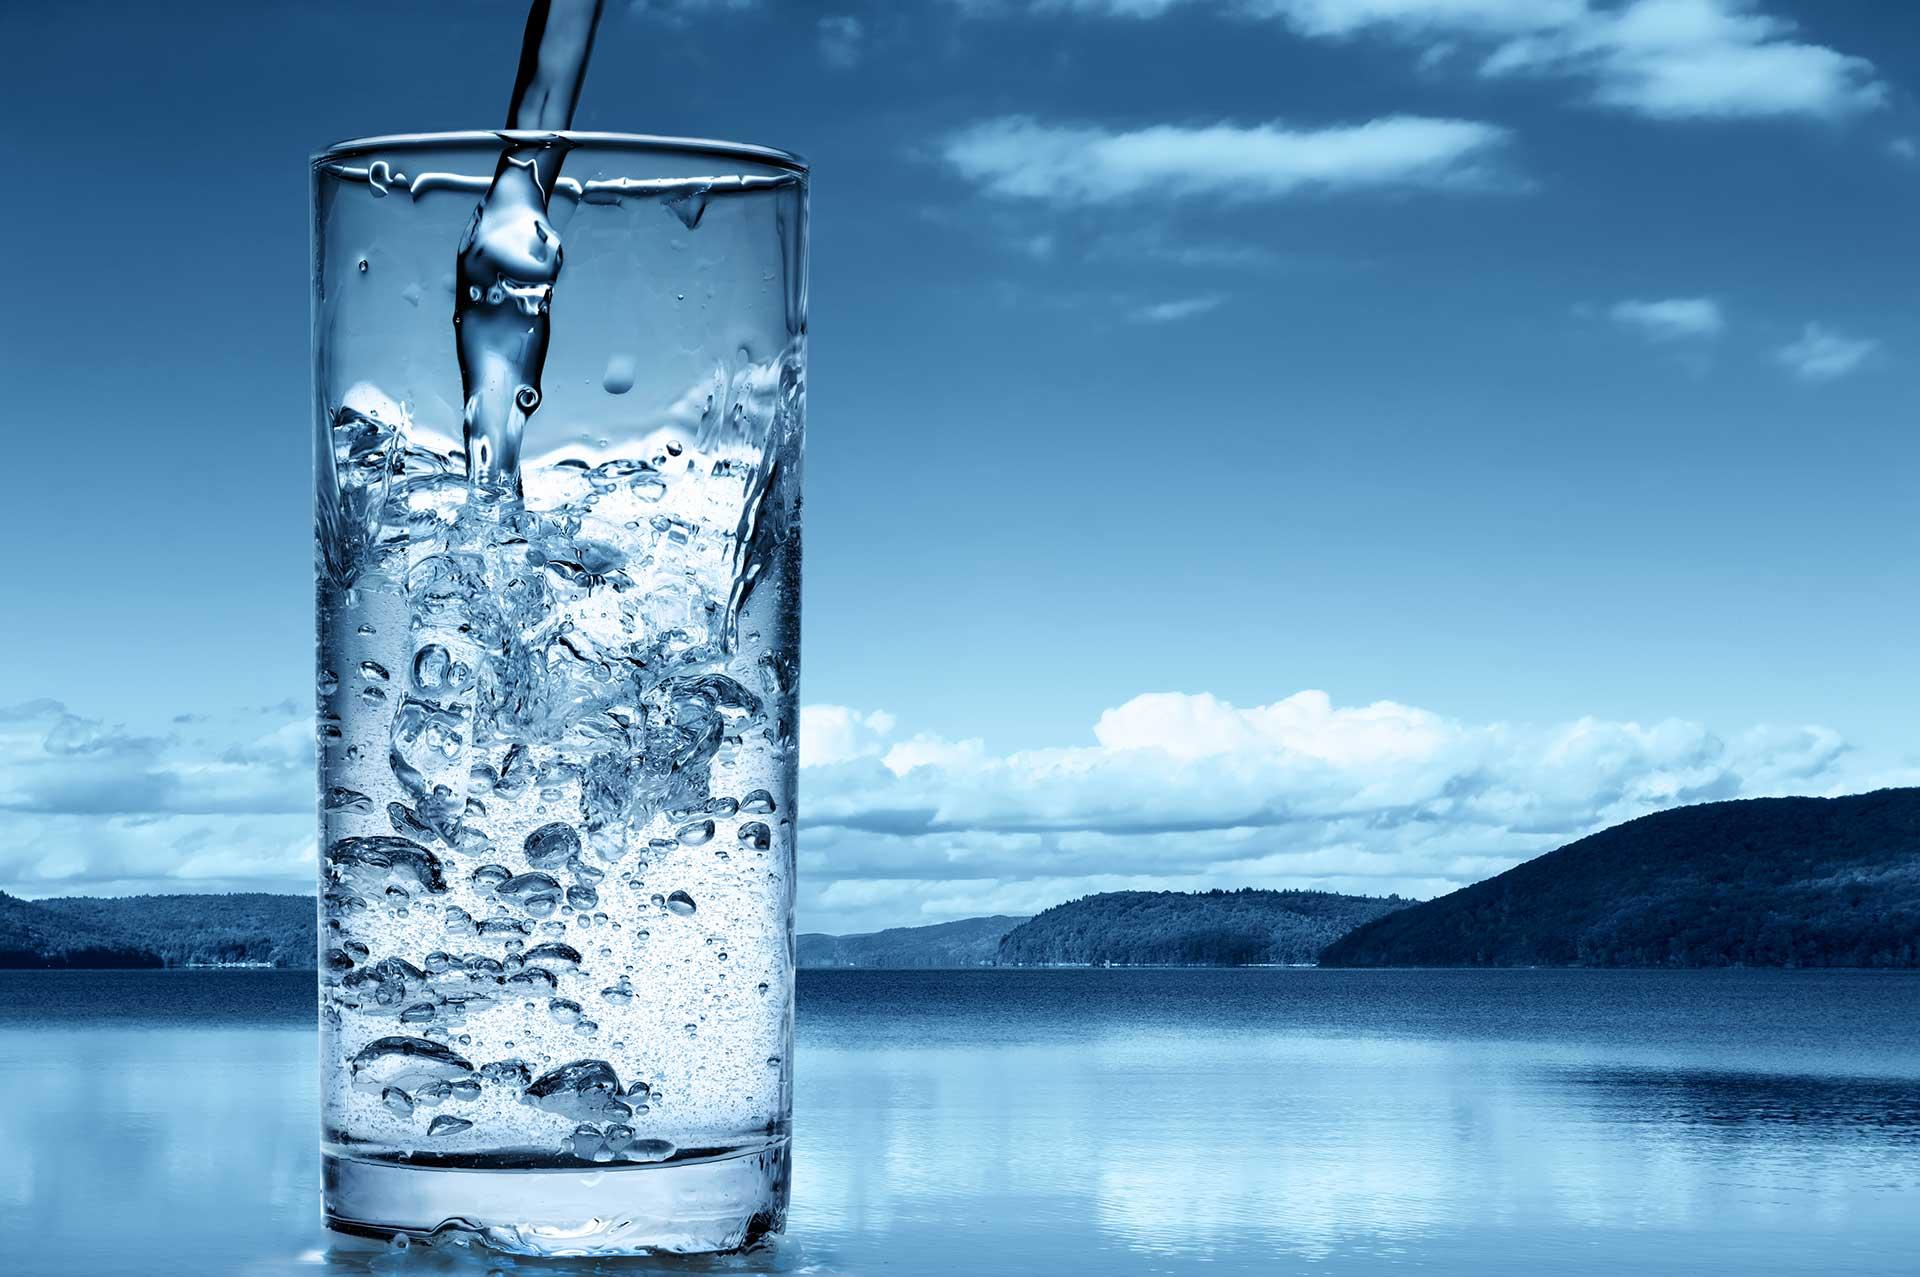 Կառավարությունը 1.289 մլրդ դրամ է հատկացրել ջրամատակարարման սակագնի թանկացման սուբսիդավորմանը